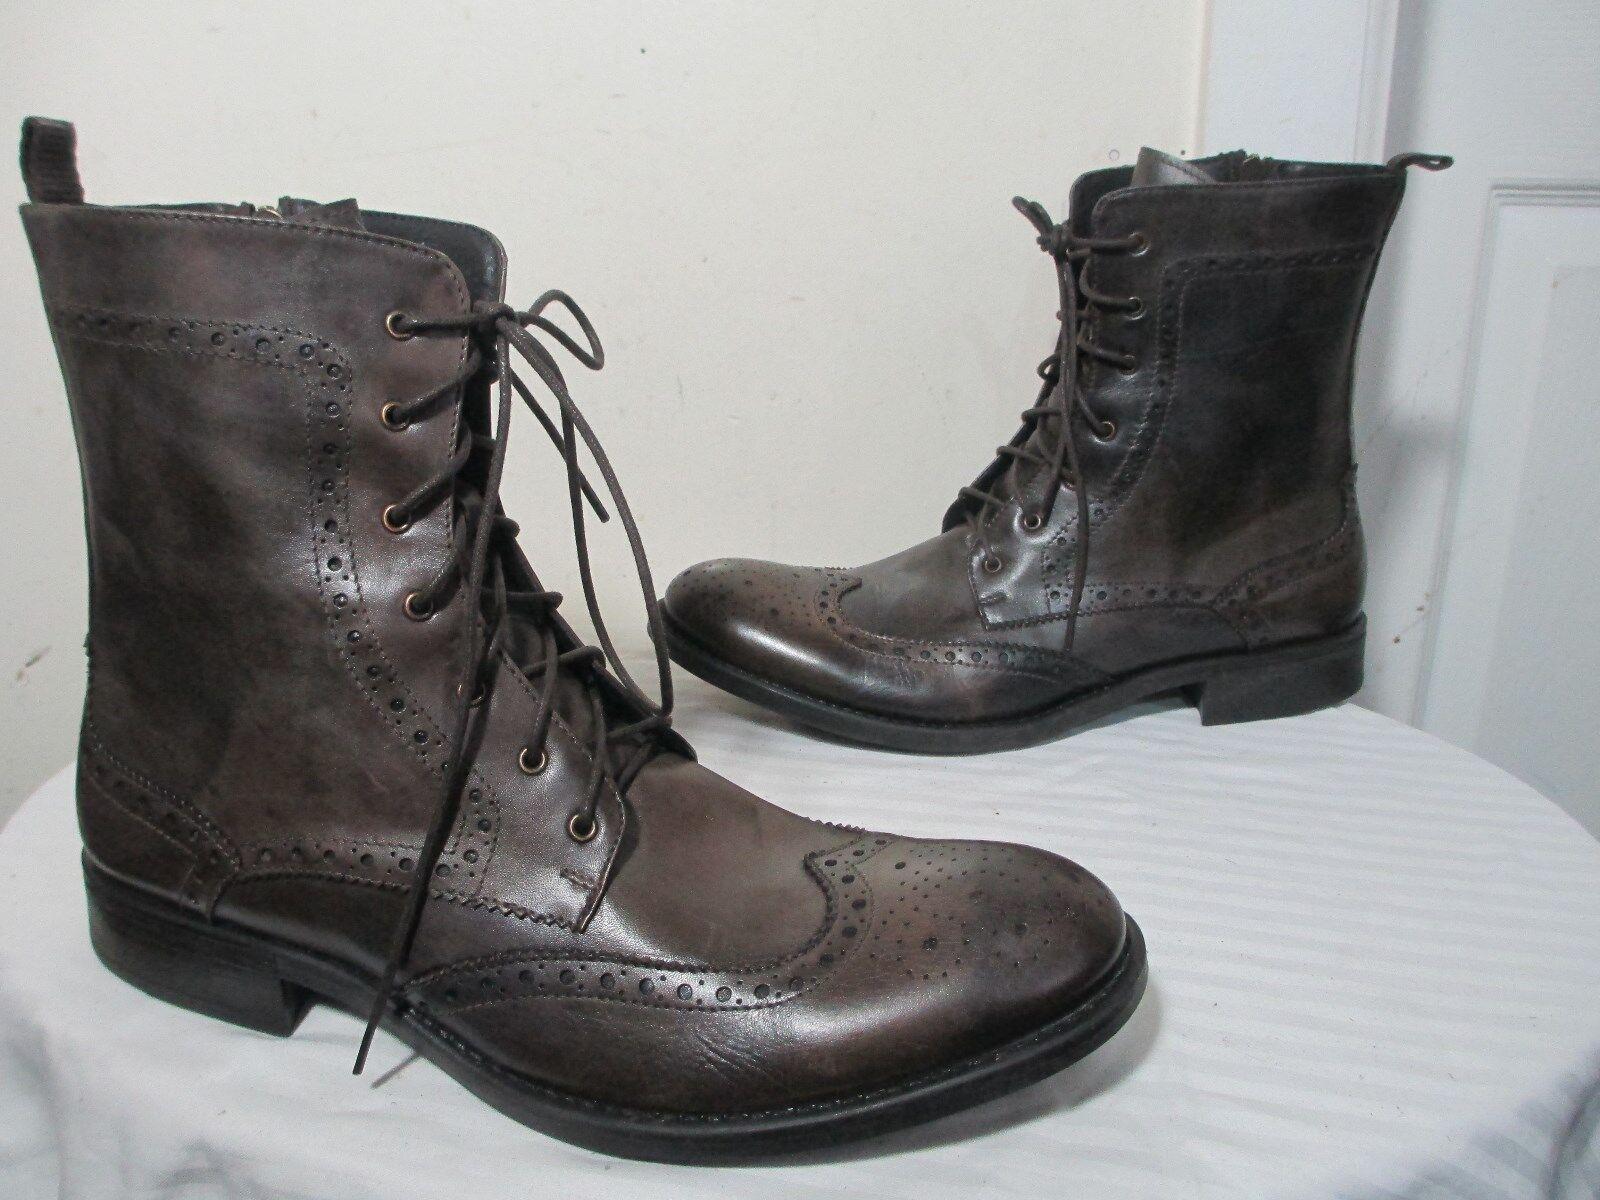 THOMPSON Hombre Cuero Pulido gris Con Cordones Cremallera botas De Combate Italia 43 US 10